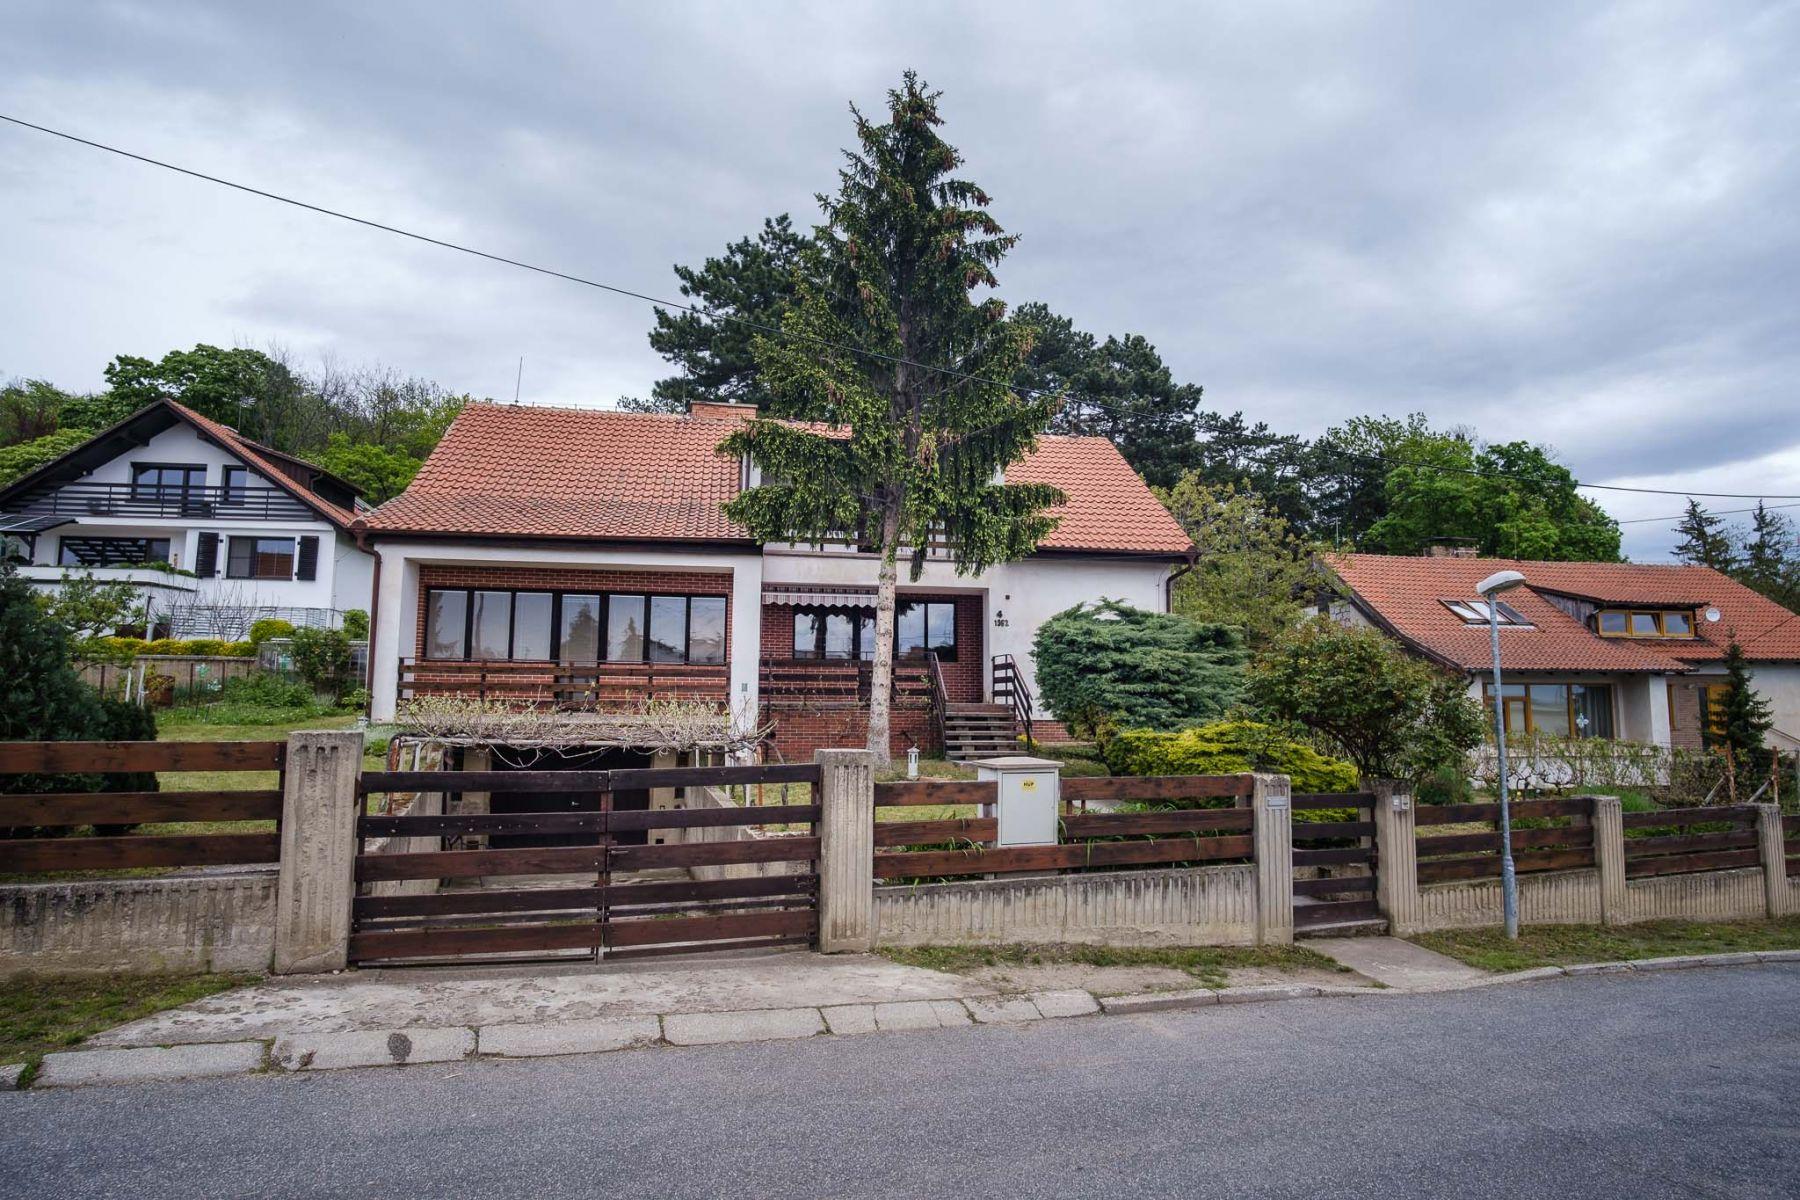 Prodej rodinného domu na exkluzivním místě, Škrétova, Litoměřice